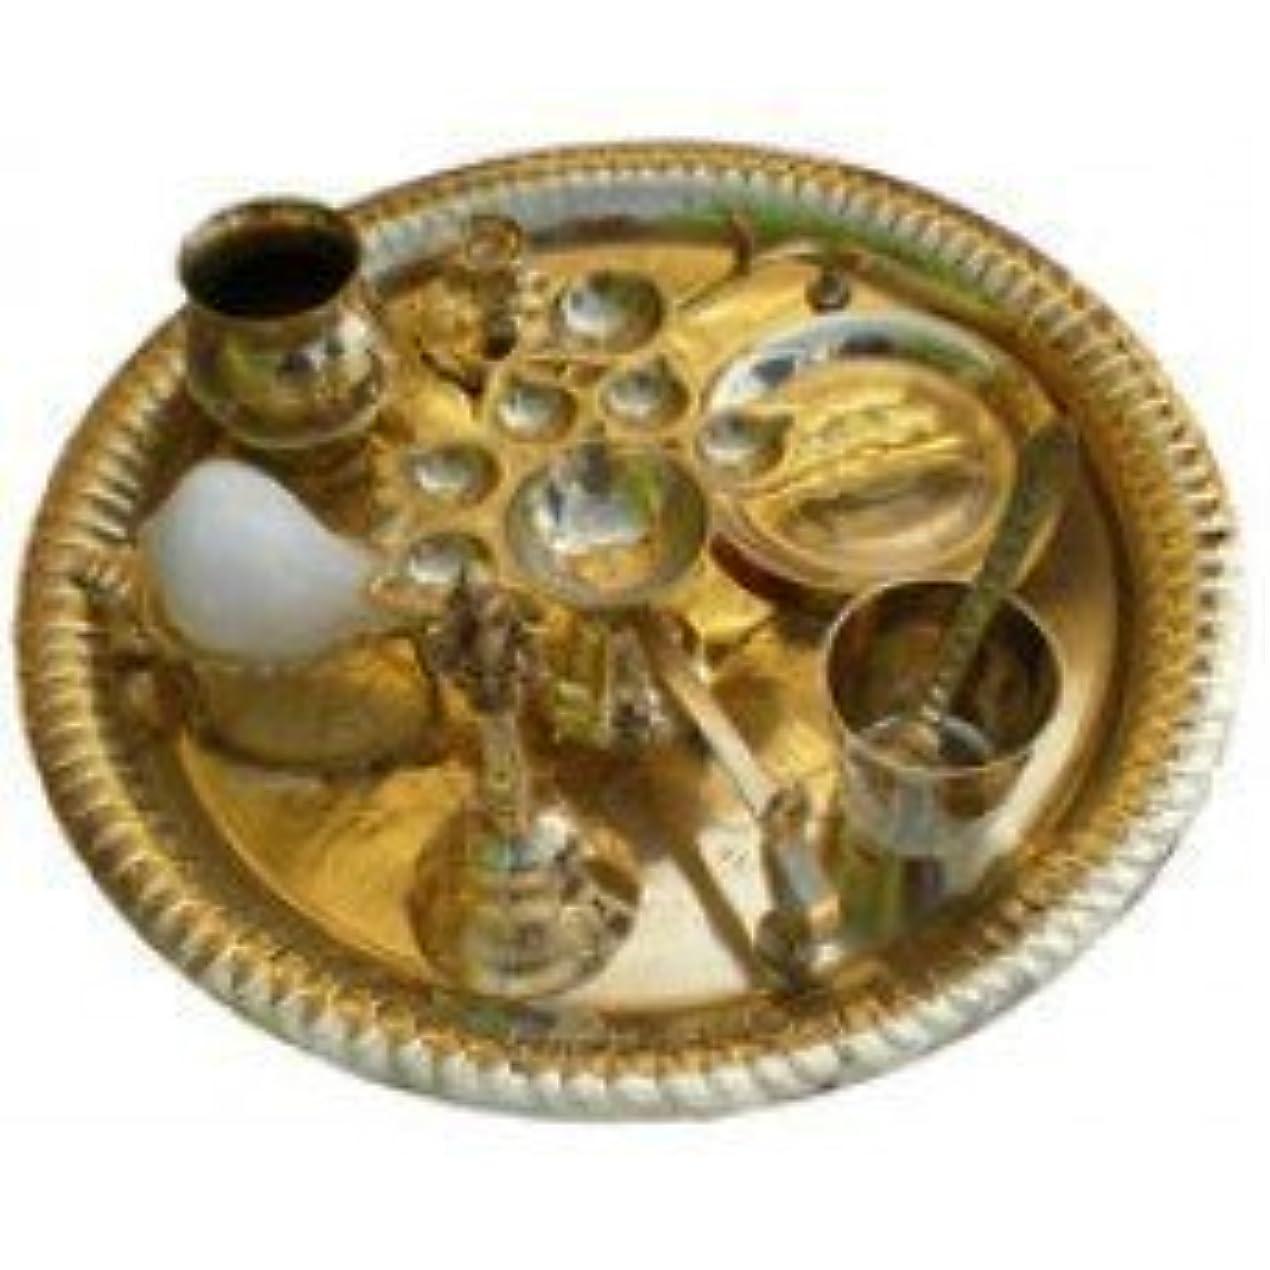 歴史的クモアークAarti Set (tray with Bell, Incense Holder, Flower Tray, Conch, Ghee Lamps)